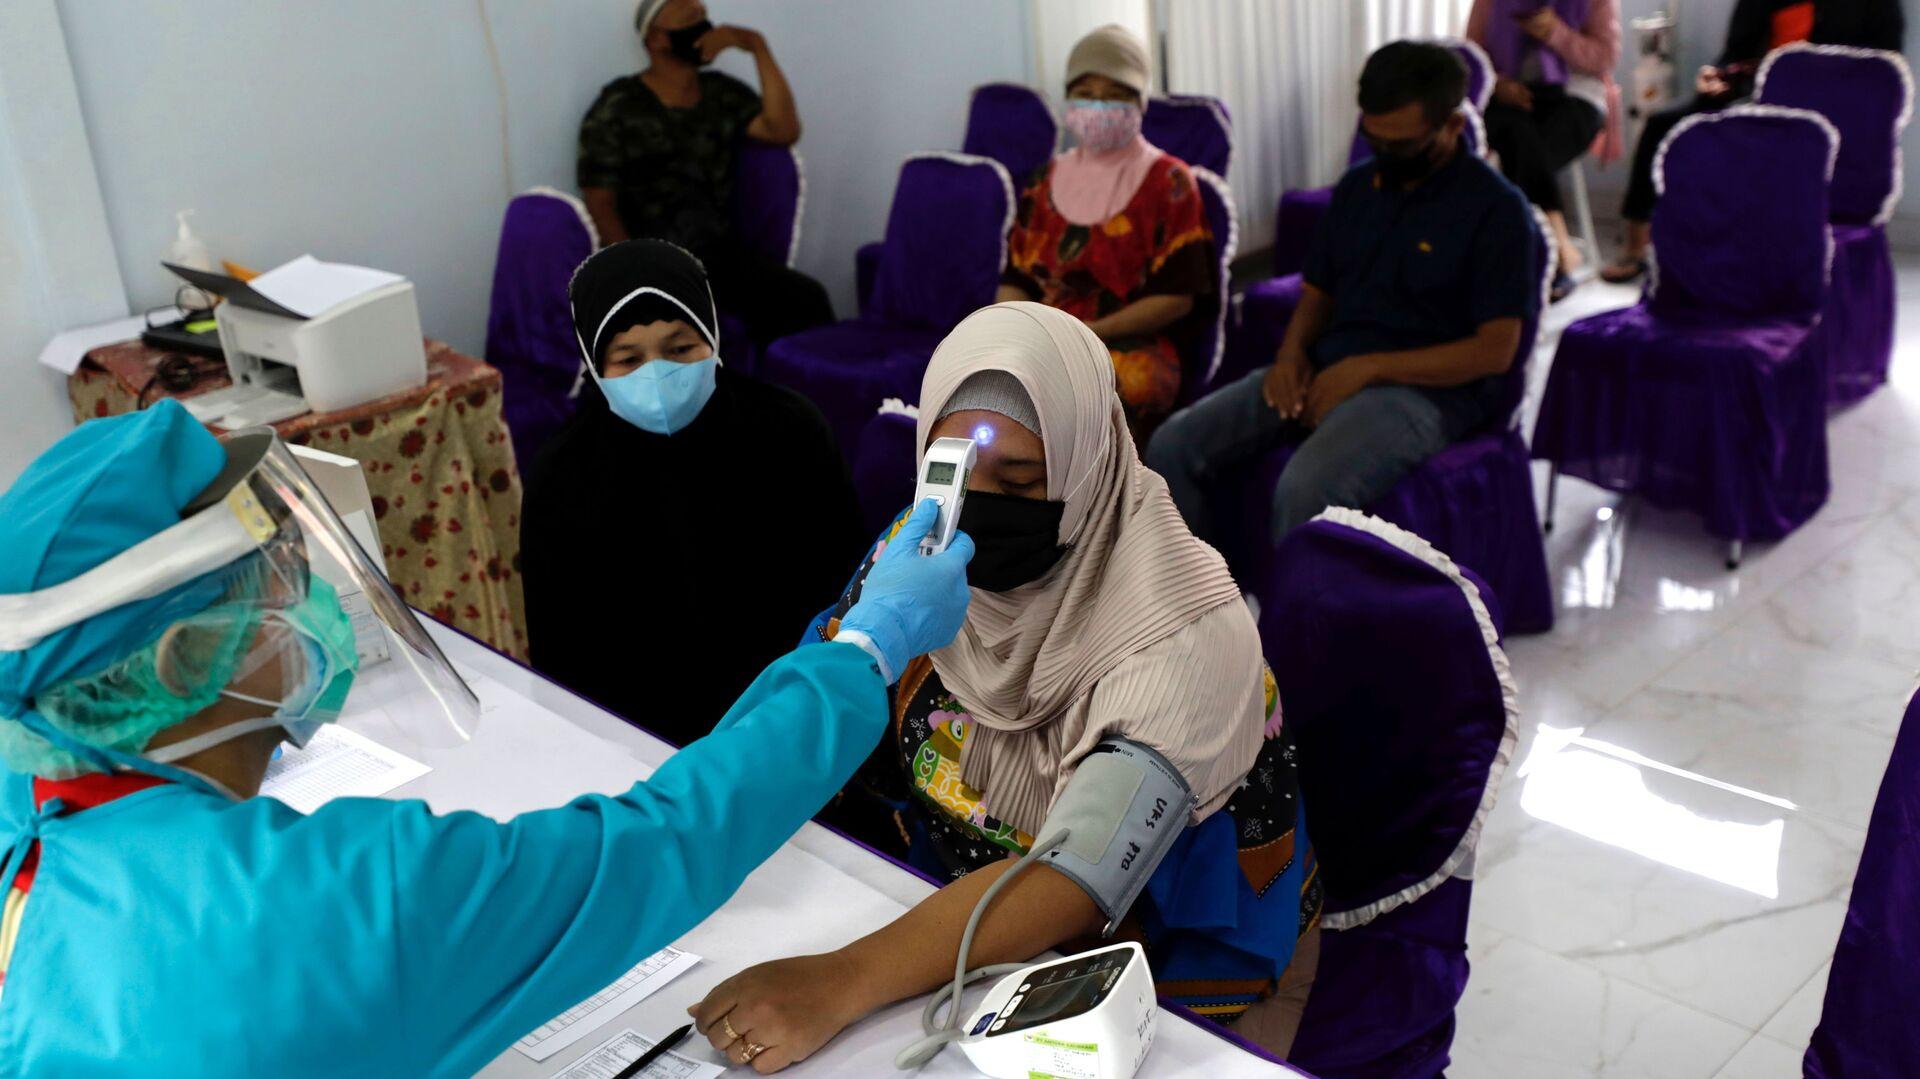 Vaccinazione in Indonesia - Sputnik Italia, 1920, 13.06.2021